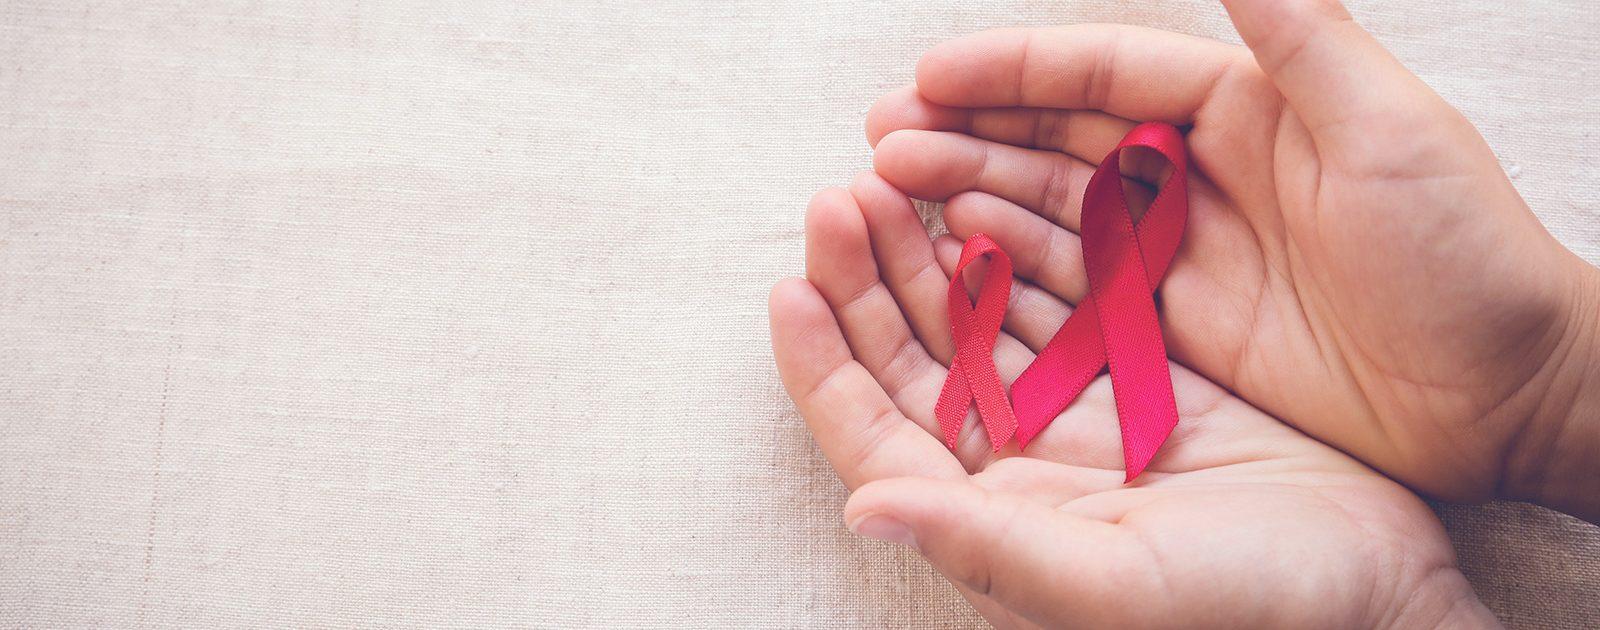 Aids-Schleifen in Hand: Ist eine Schwangerschaft trotz HIV möglich?